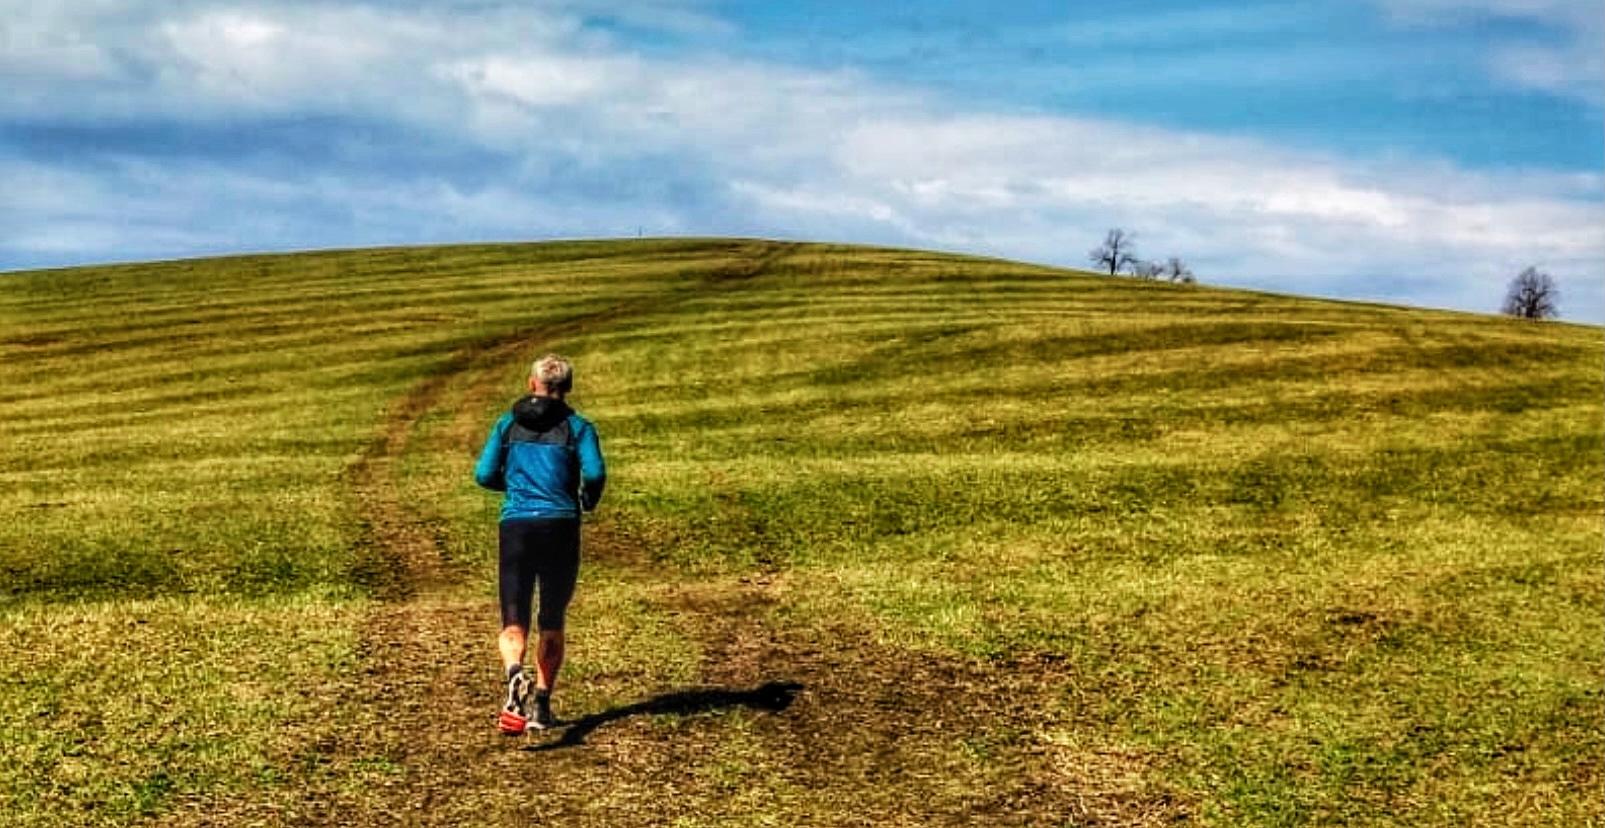 Dvacet tři typů běžeckých tréninků a přitom to bude pořád běh